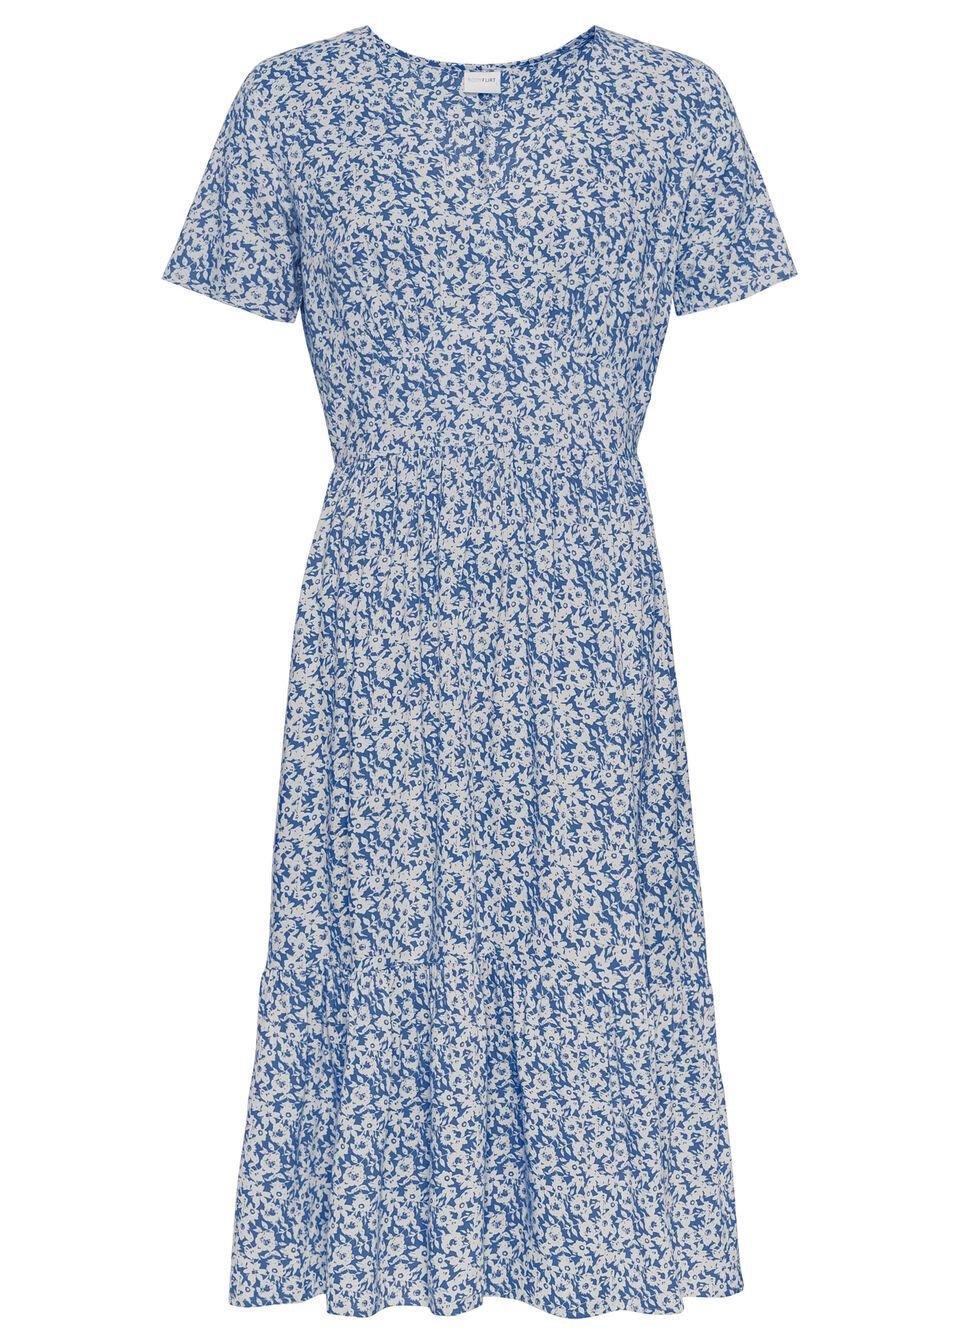 Sukienka o linii litery A bonprix lodowy niebieski - biały w kwiaty